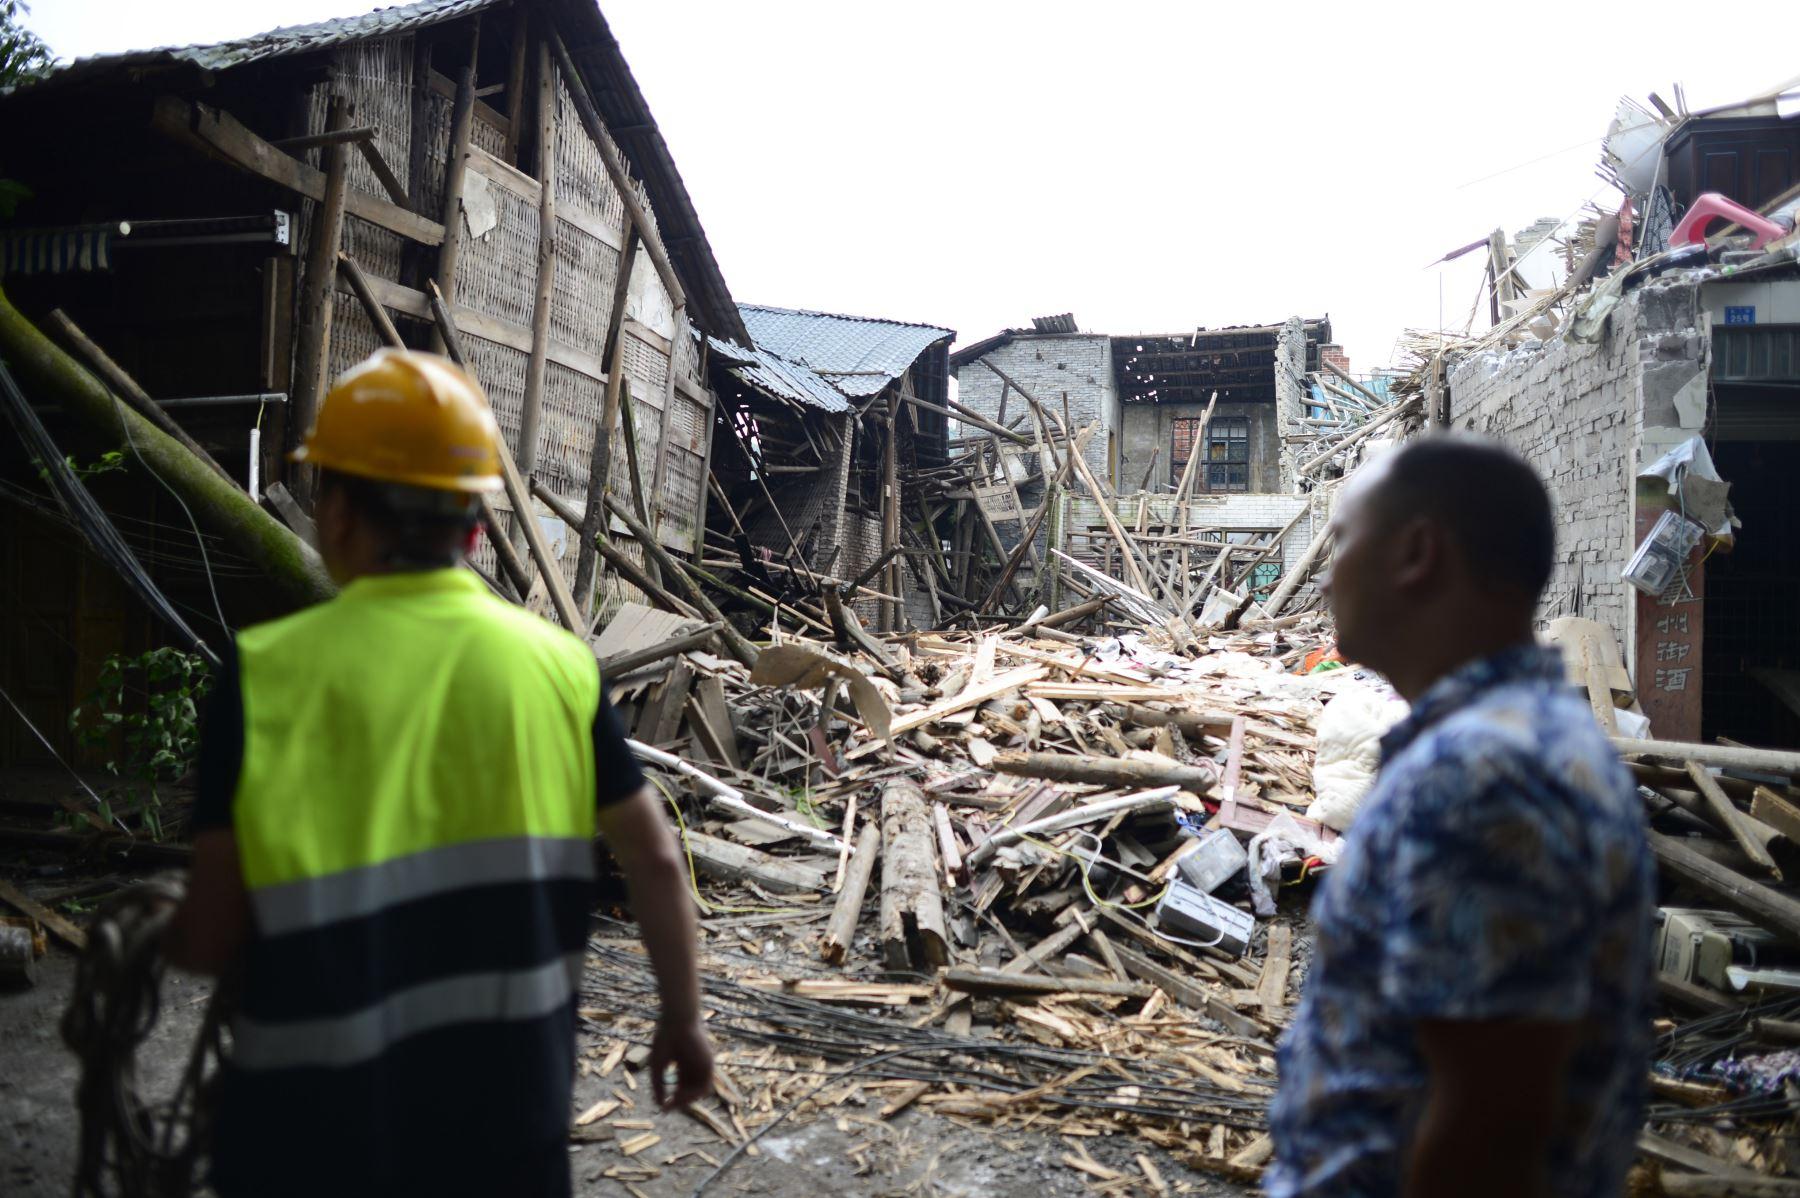 Edificios dañados por el terremoto en Yibin, en la provincia de Sichuan, suroeste de China. Foto: AFP